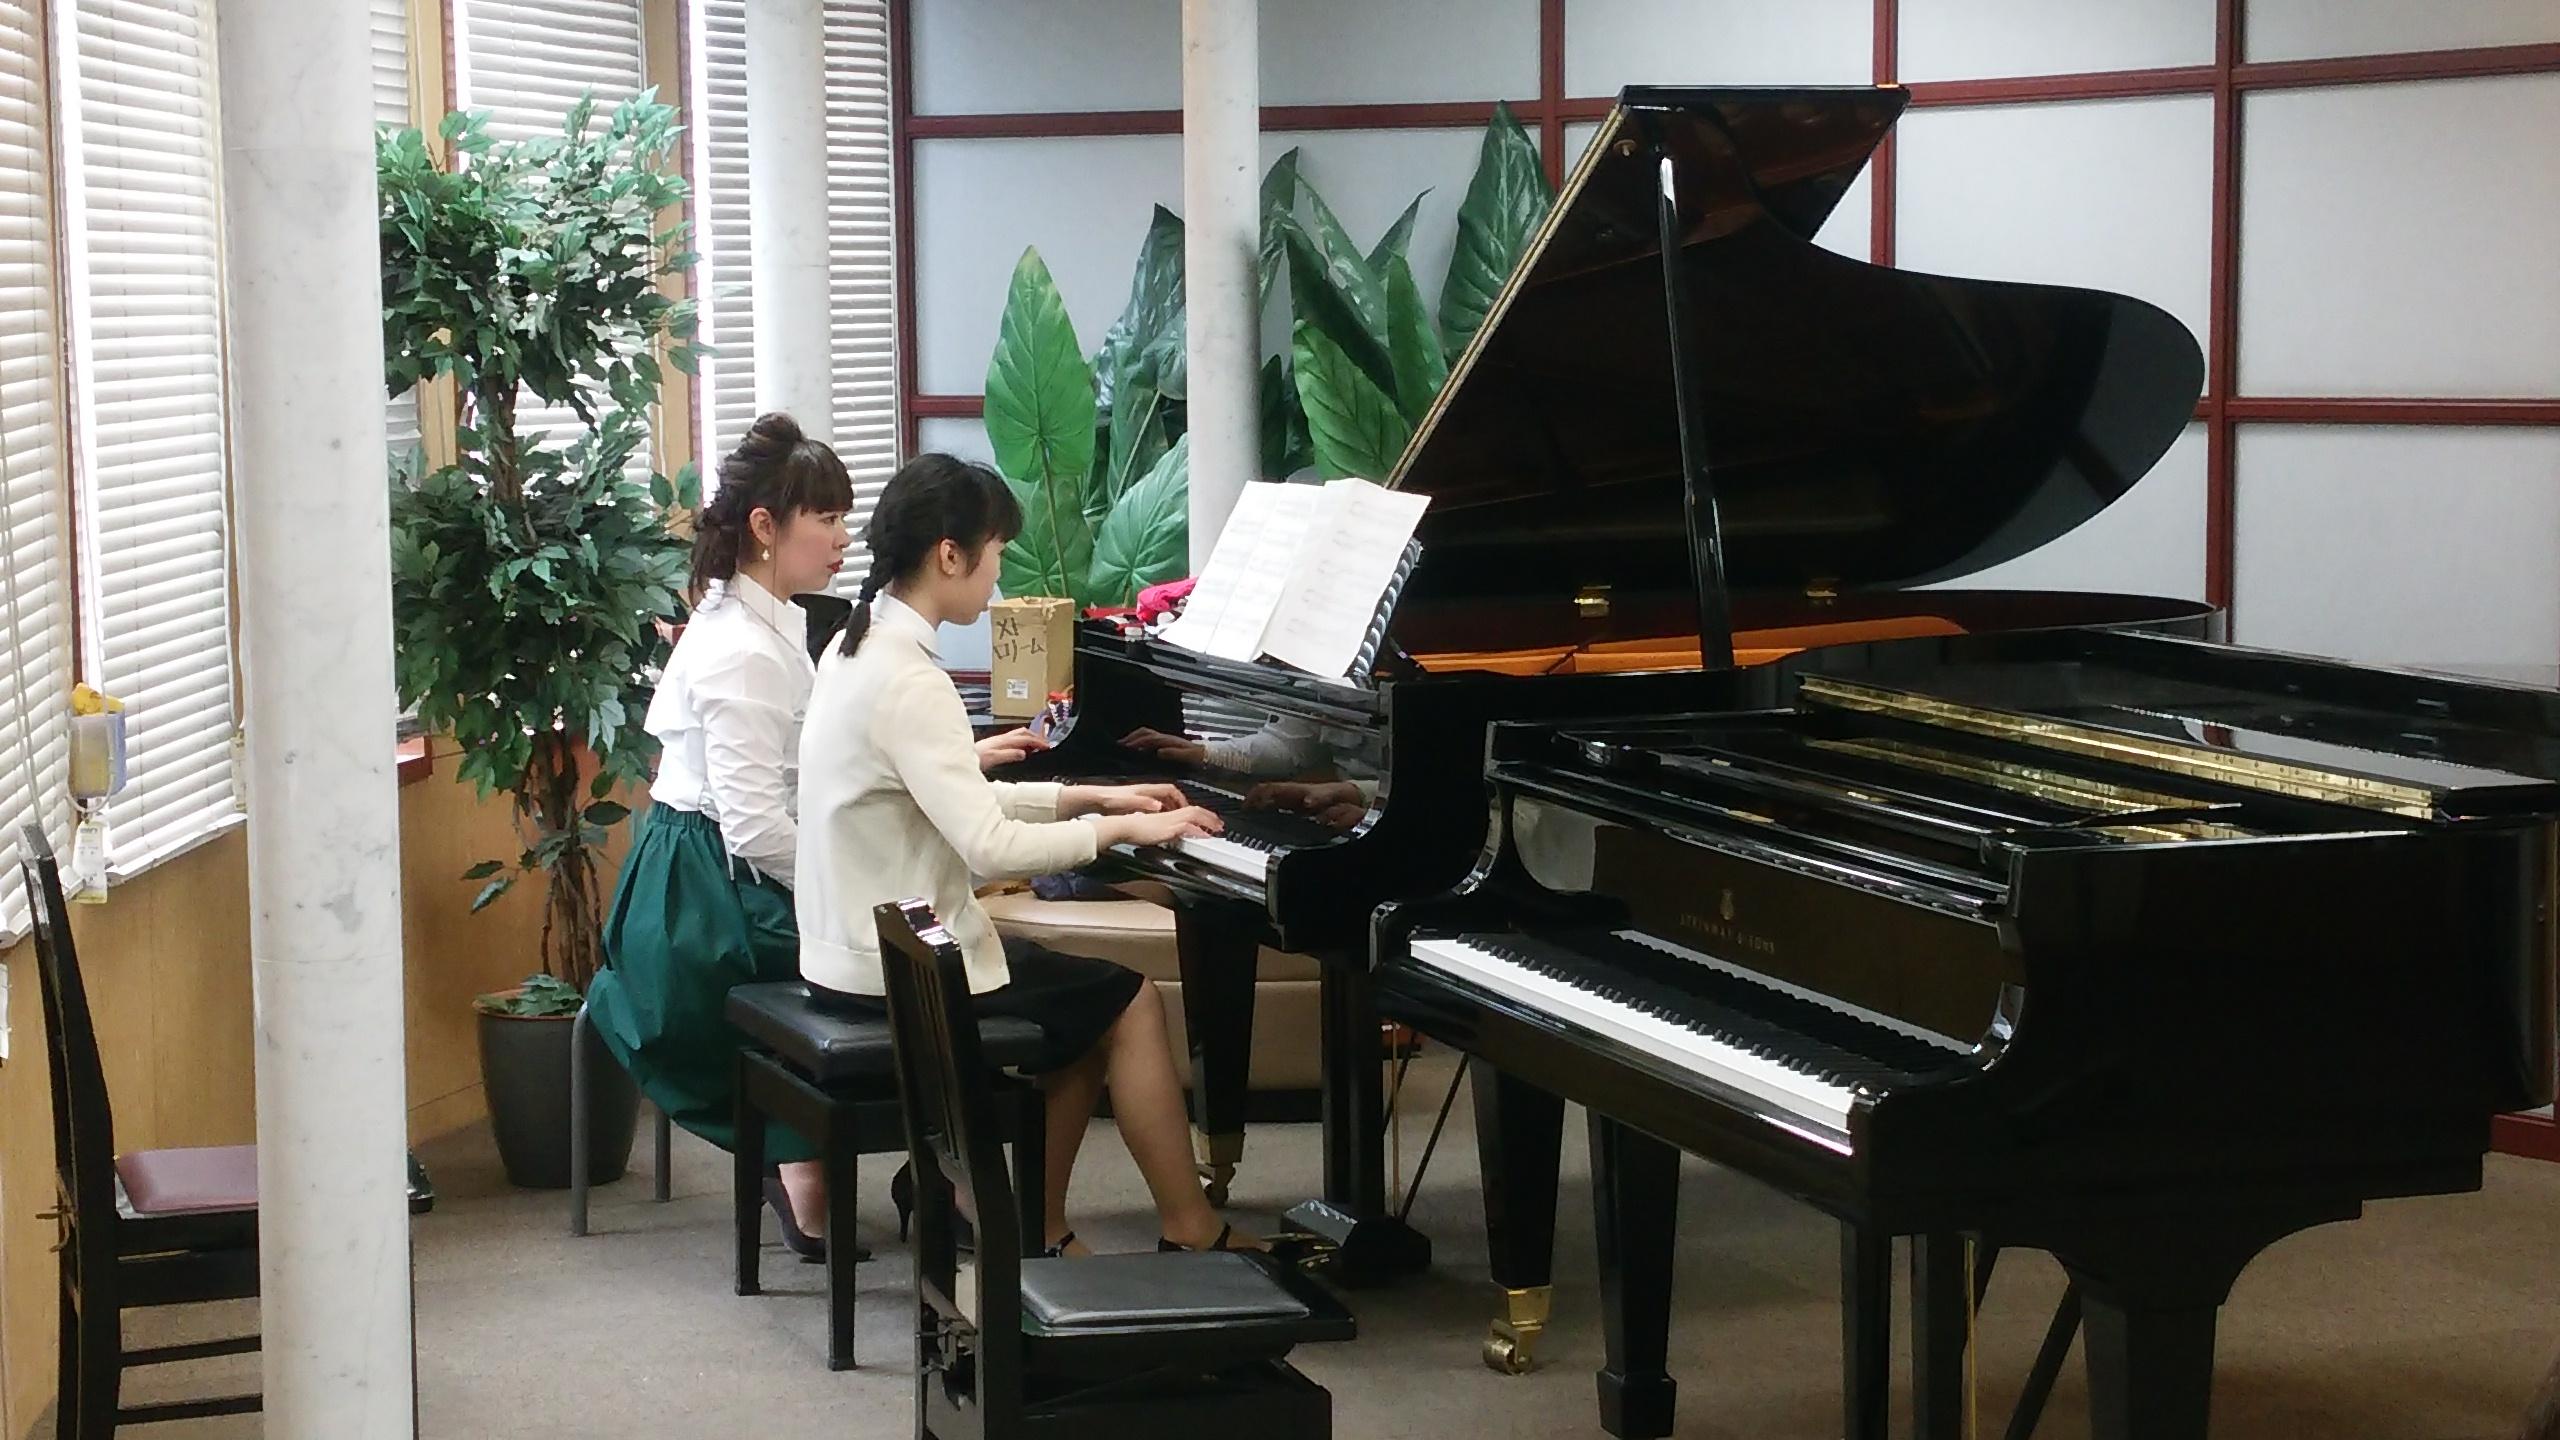 グランドピアノが並ぶ国立音楽院ウイングルームで澤田講師が相原さんにピアノ指導している様子。